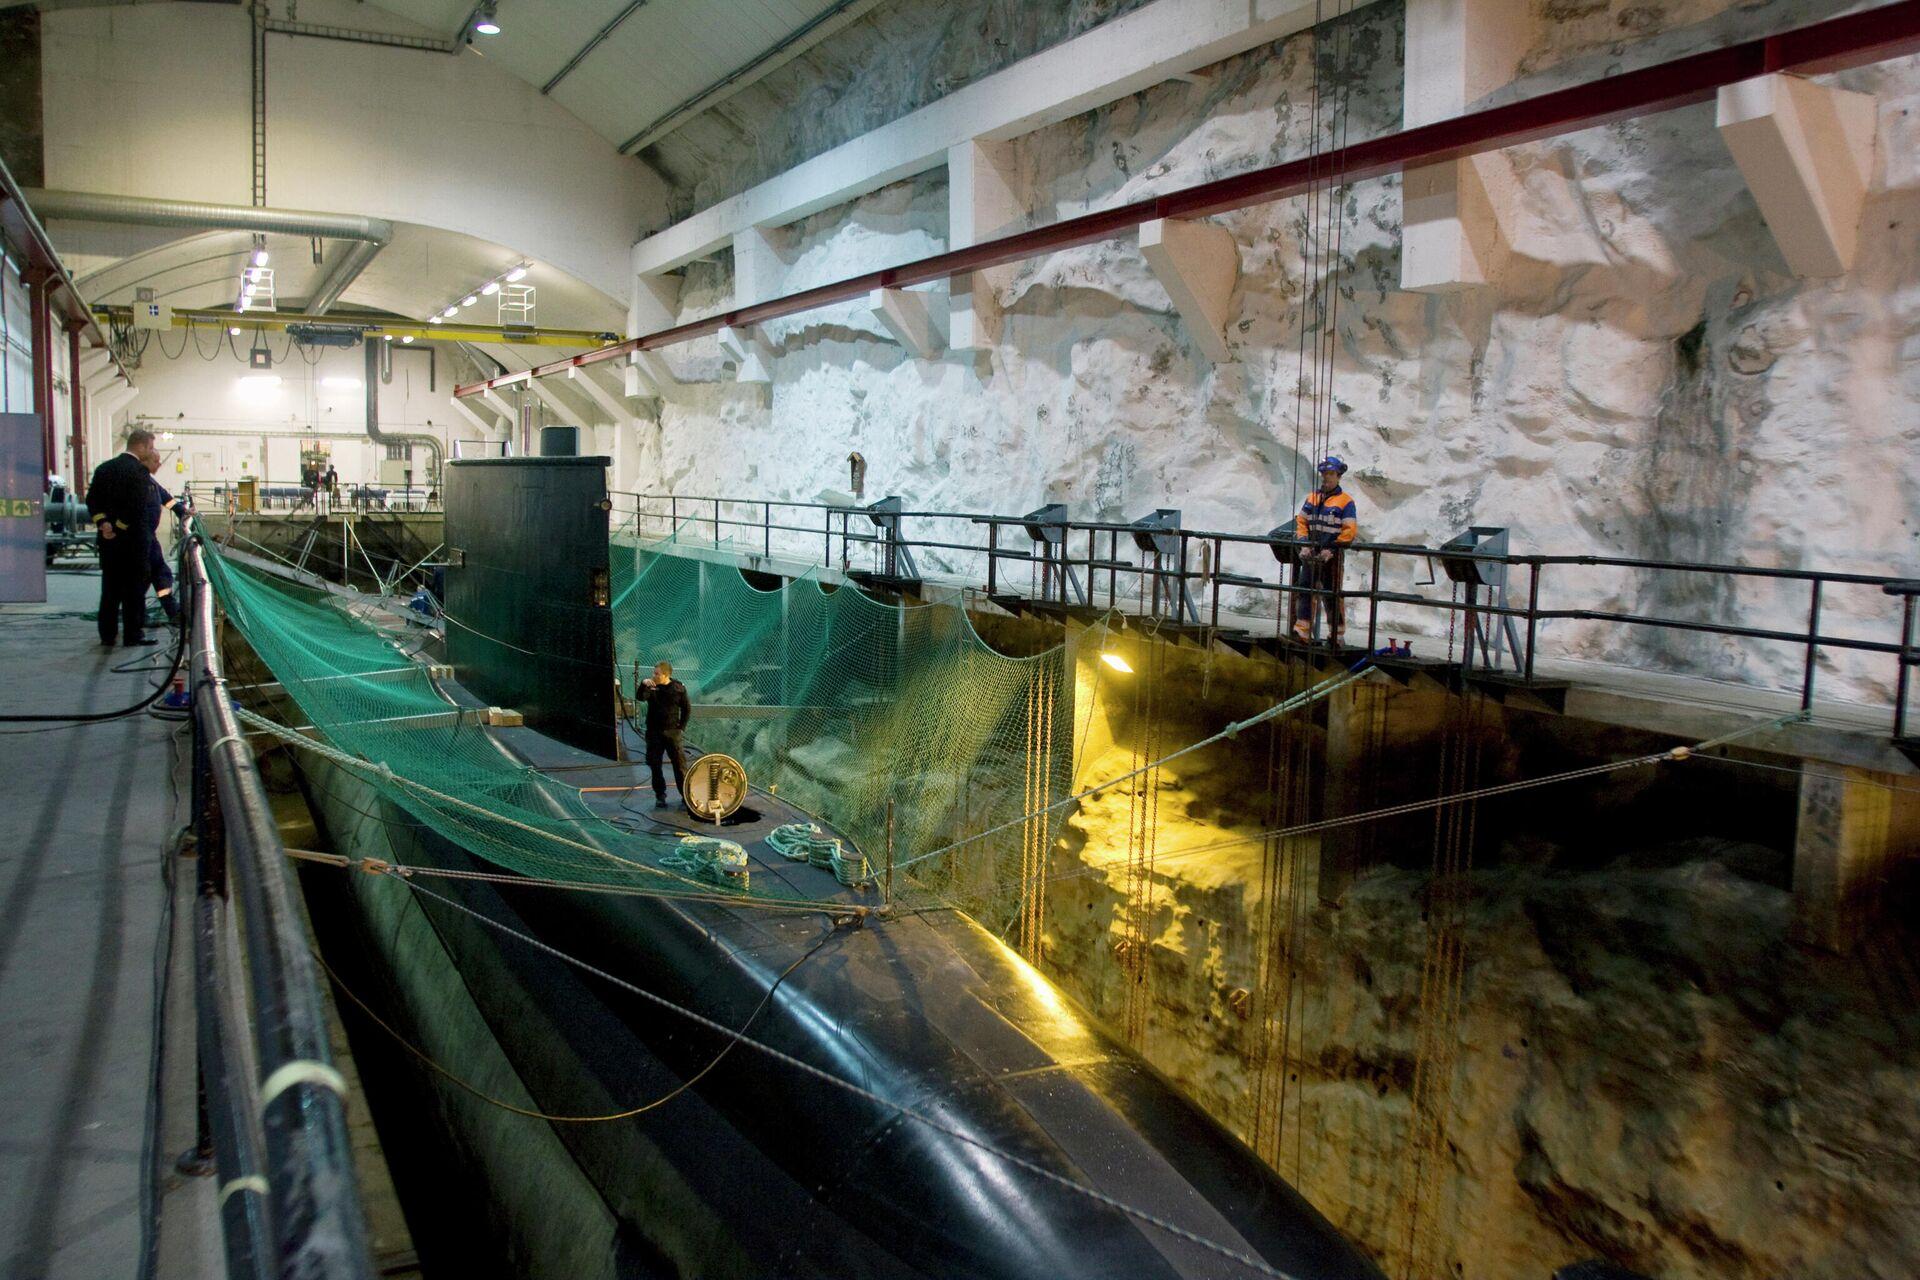 База подводных лодок Олавсверн в Тромсе - РИА Новости, 1920, 20.10.2020